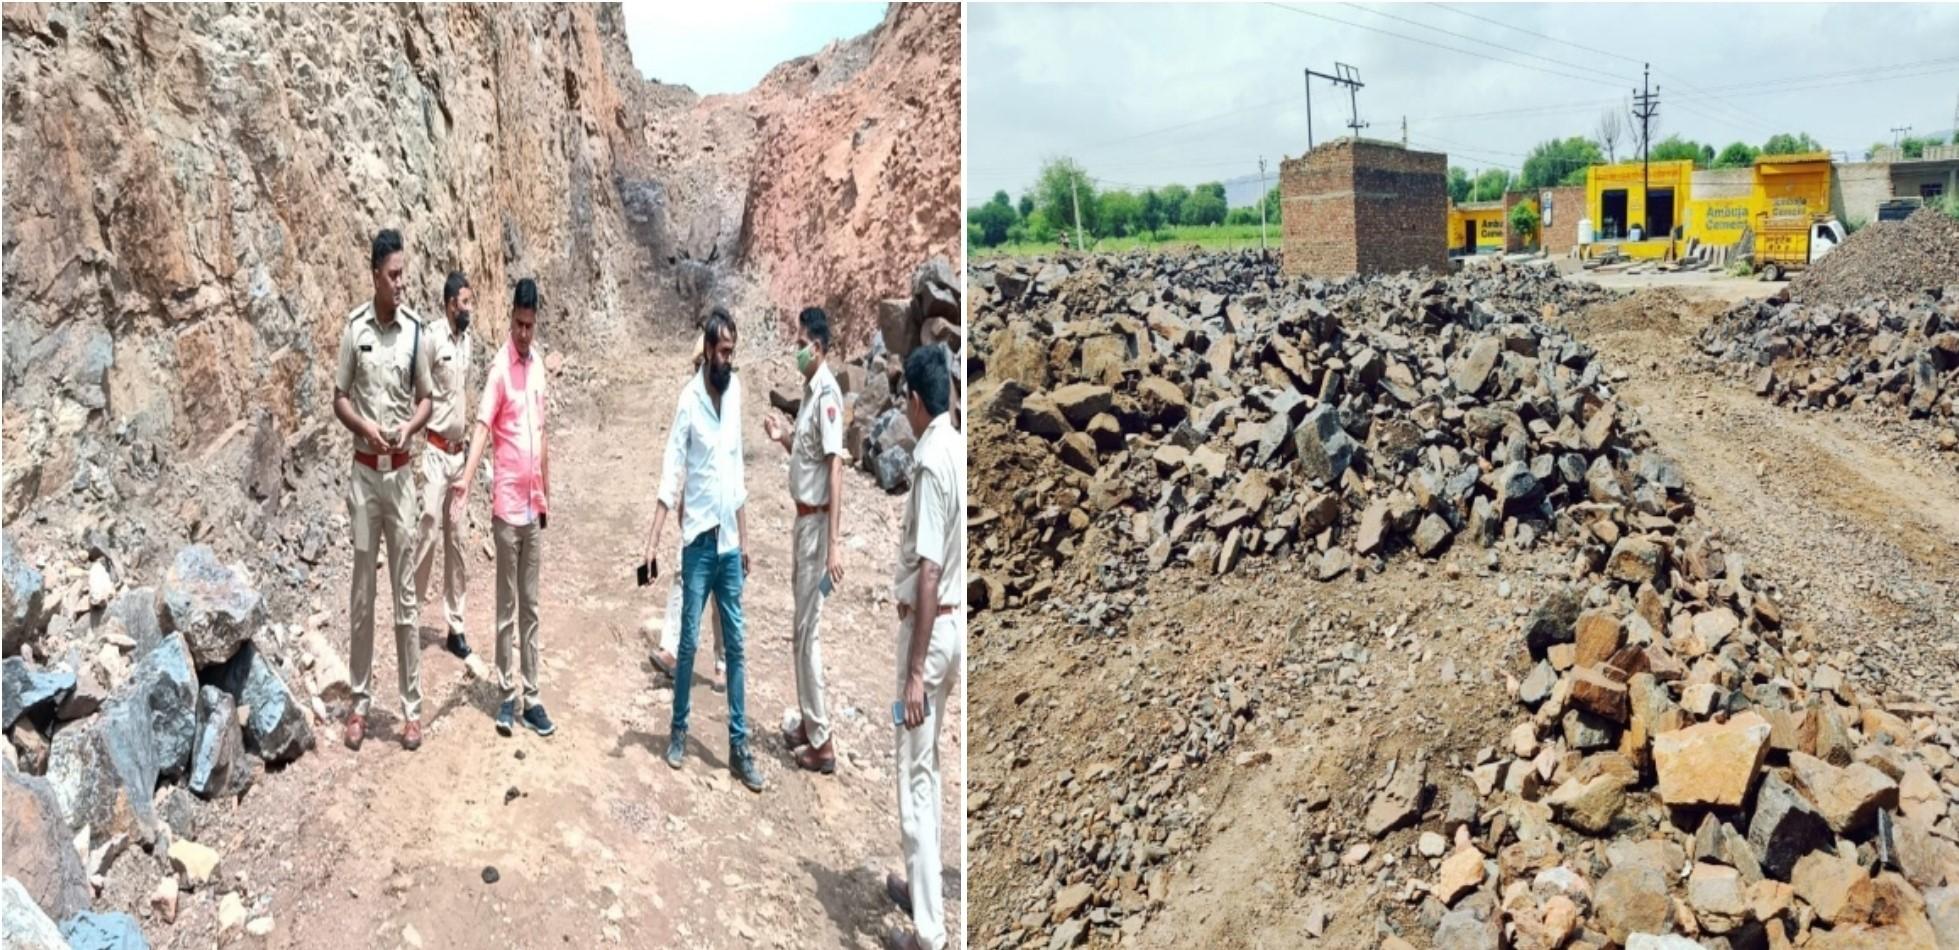 700 टन से अधिक आयरन युक्त कीमती पत्थर जब्त, 5 डंपर जब्त, कीमत 15 से 20 लाख के आसपास|झुंझुनूं,Jhunjhunu - Dainik Bhaskar